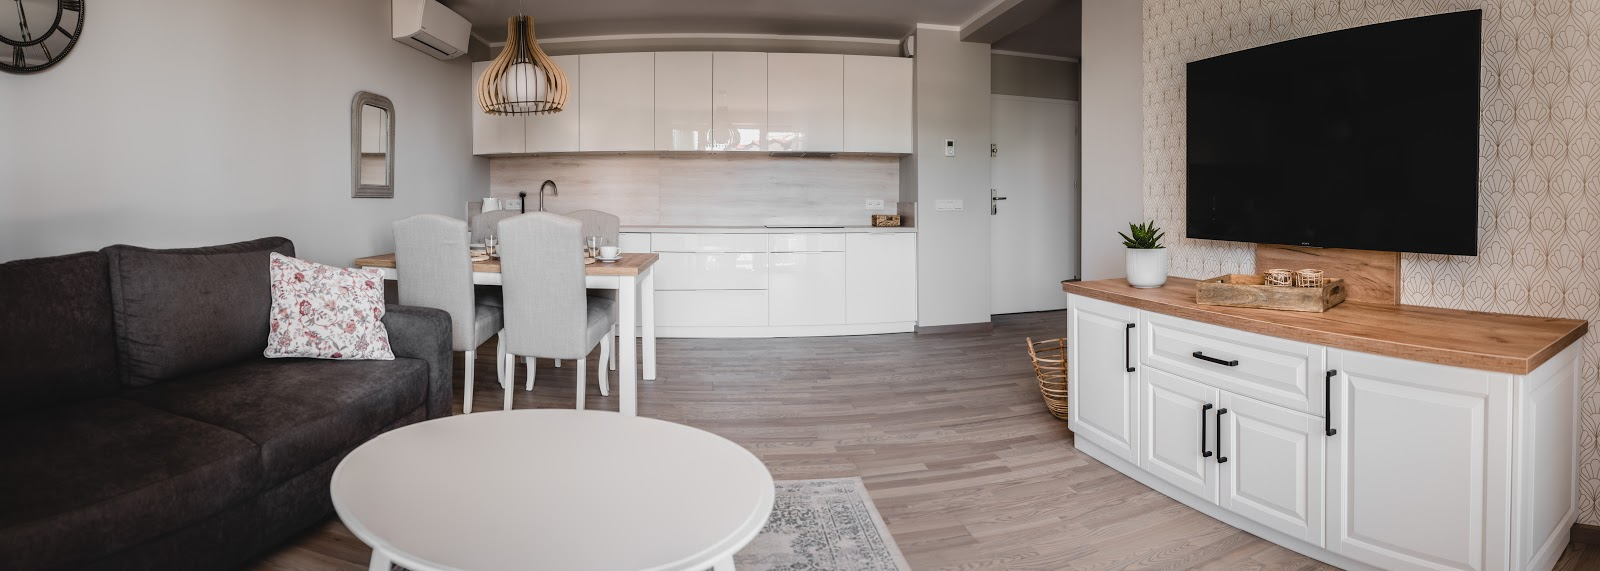 Apartament-1-17-29